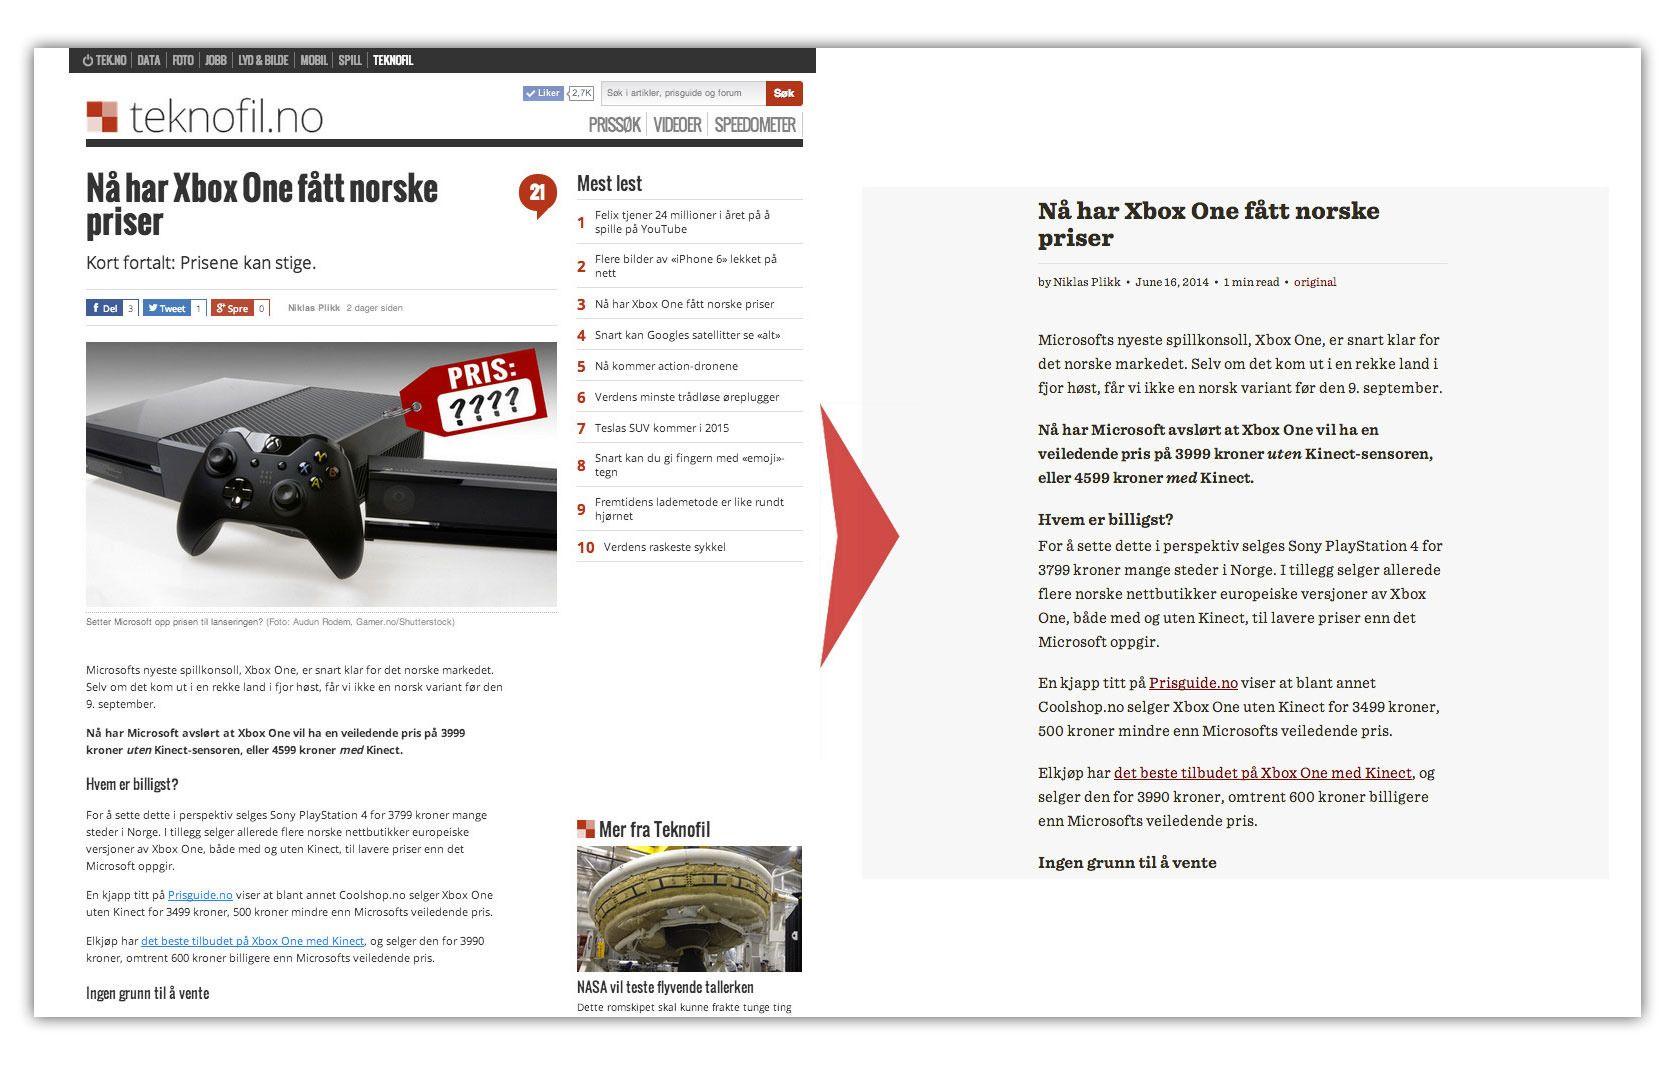 Det finnes nettlesertillegg som fjerner alt av bilder og distraherende elementer fra nettsider. Slik ser en Teknofil-artikkel ut med Readability aktivert.Foto: Teknofil.no